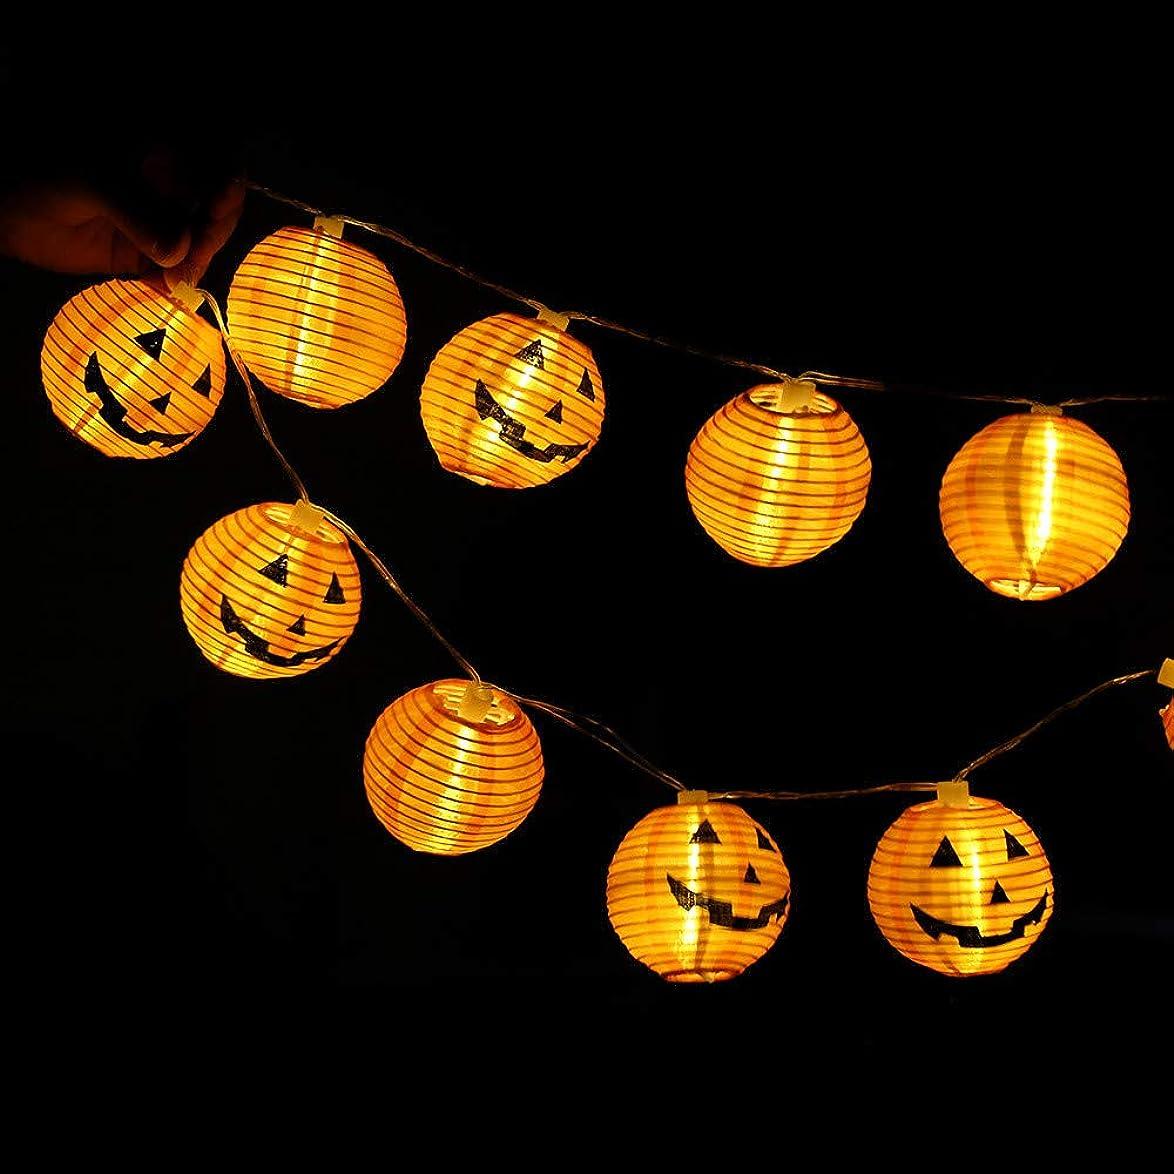 奇跡的な発明するサージイルミネーションライト ハロウィン Timsa LED装飾ライト カボチャ 鬼の顔柄 ランタン LED 飾り ライト LEDストリングライト 室外 お庭など対応 バレンタインデー パーティー クリスマス装飾 フェアリーストリングライト 電飾 電池式 (全長120cm, 10球)